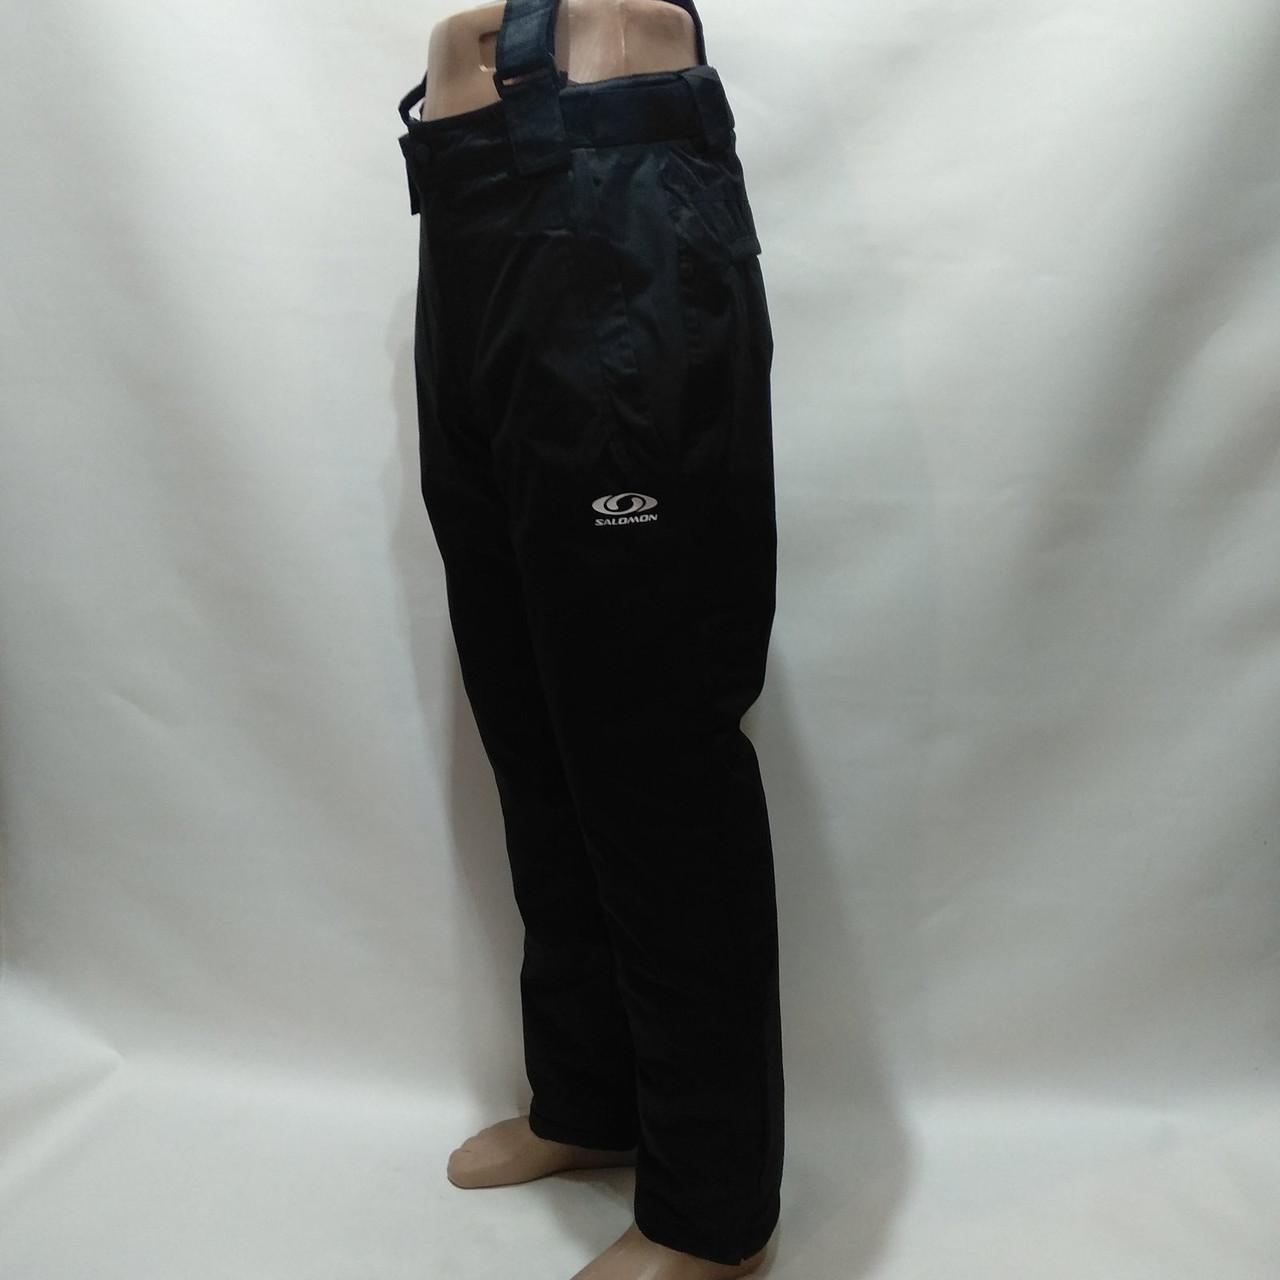 Мужские горнолыжные штаны SALOMON реплика терма